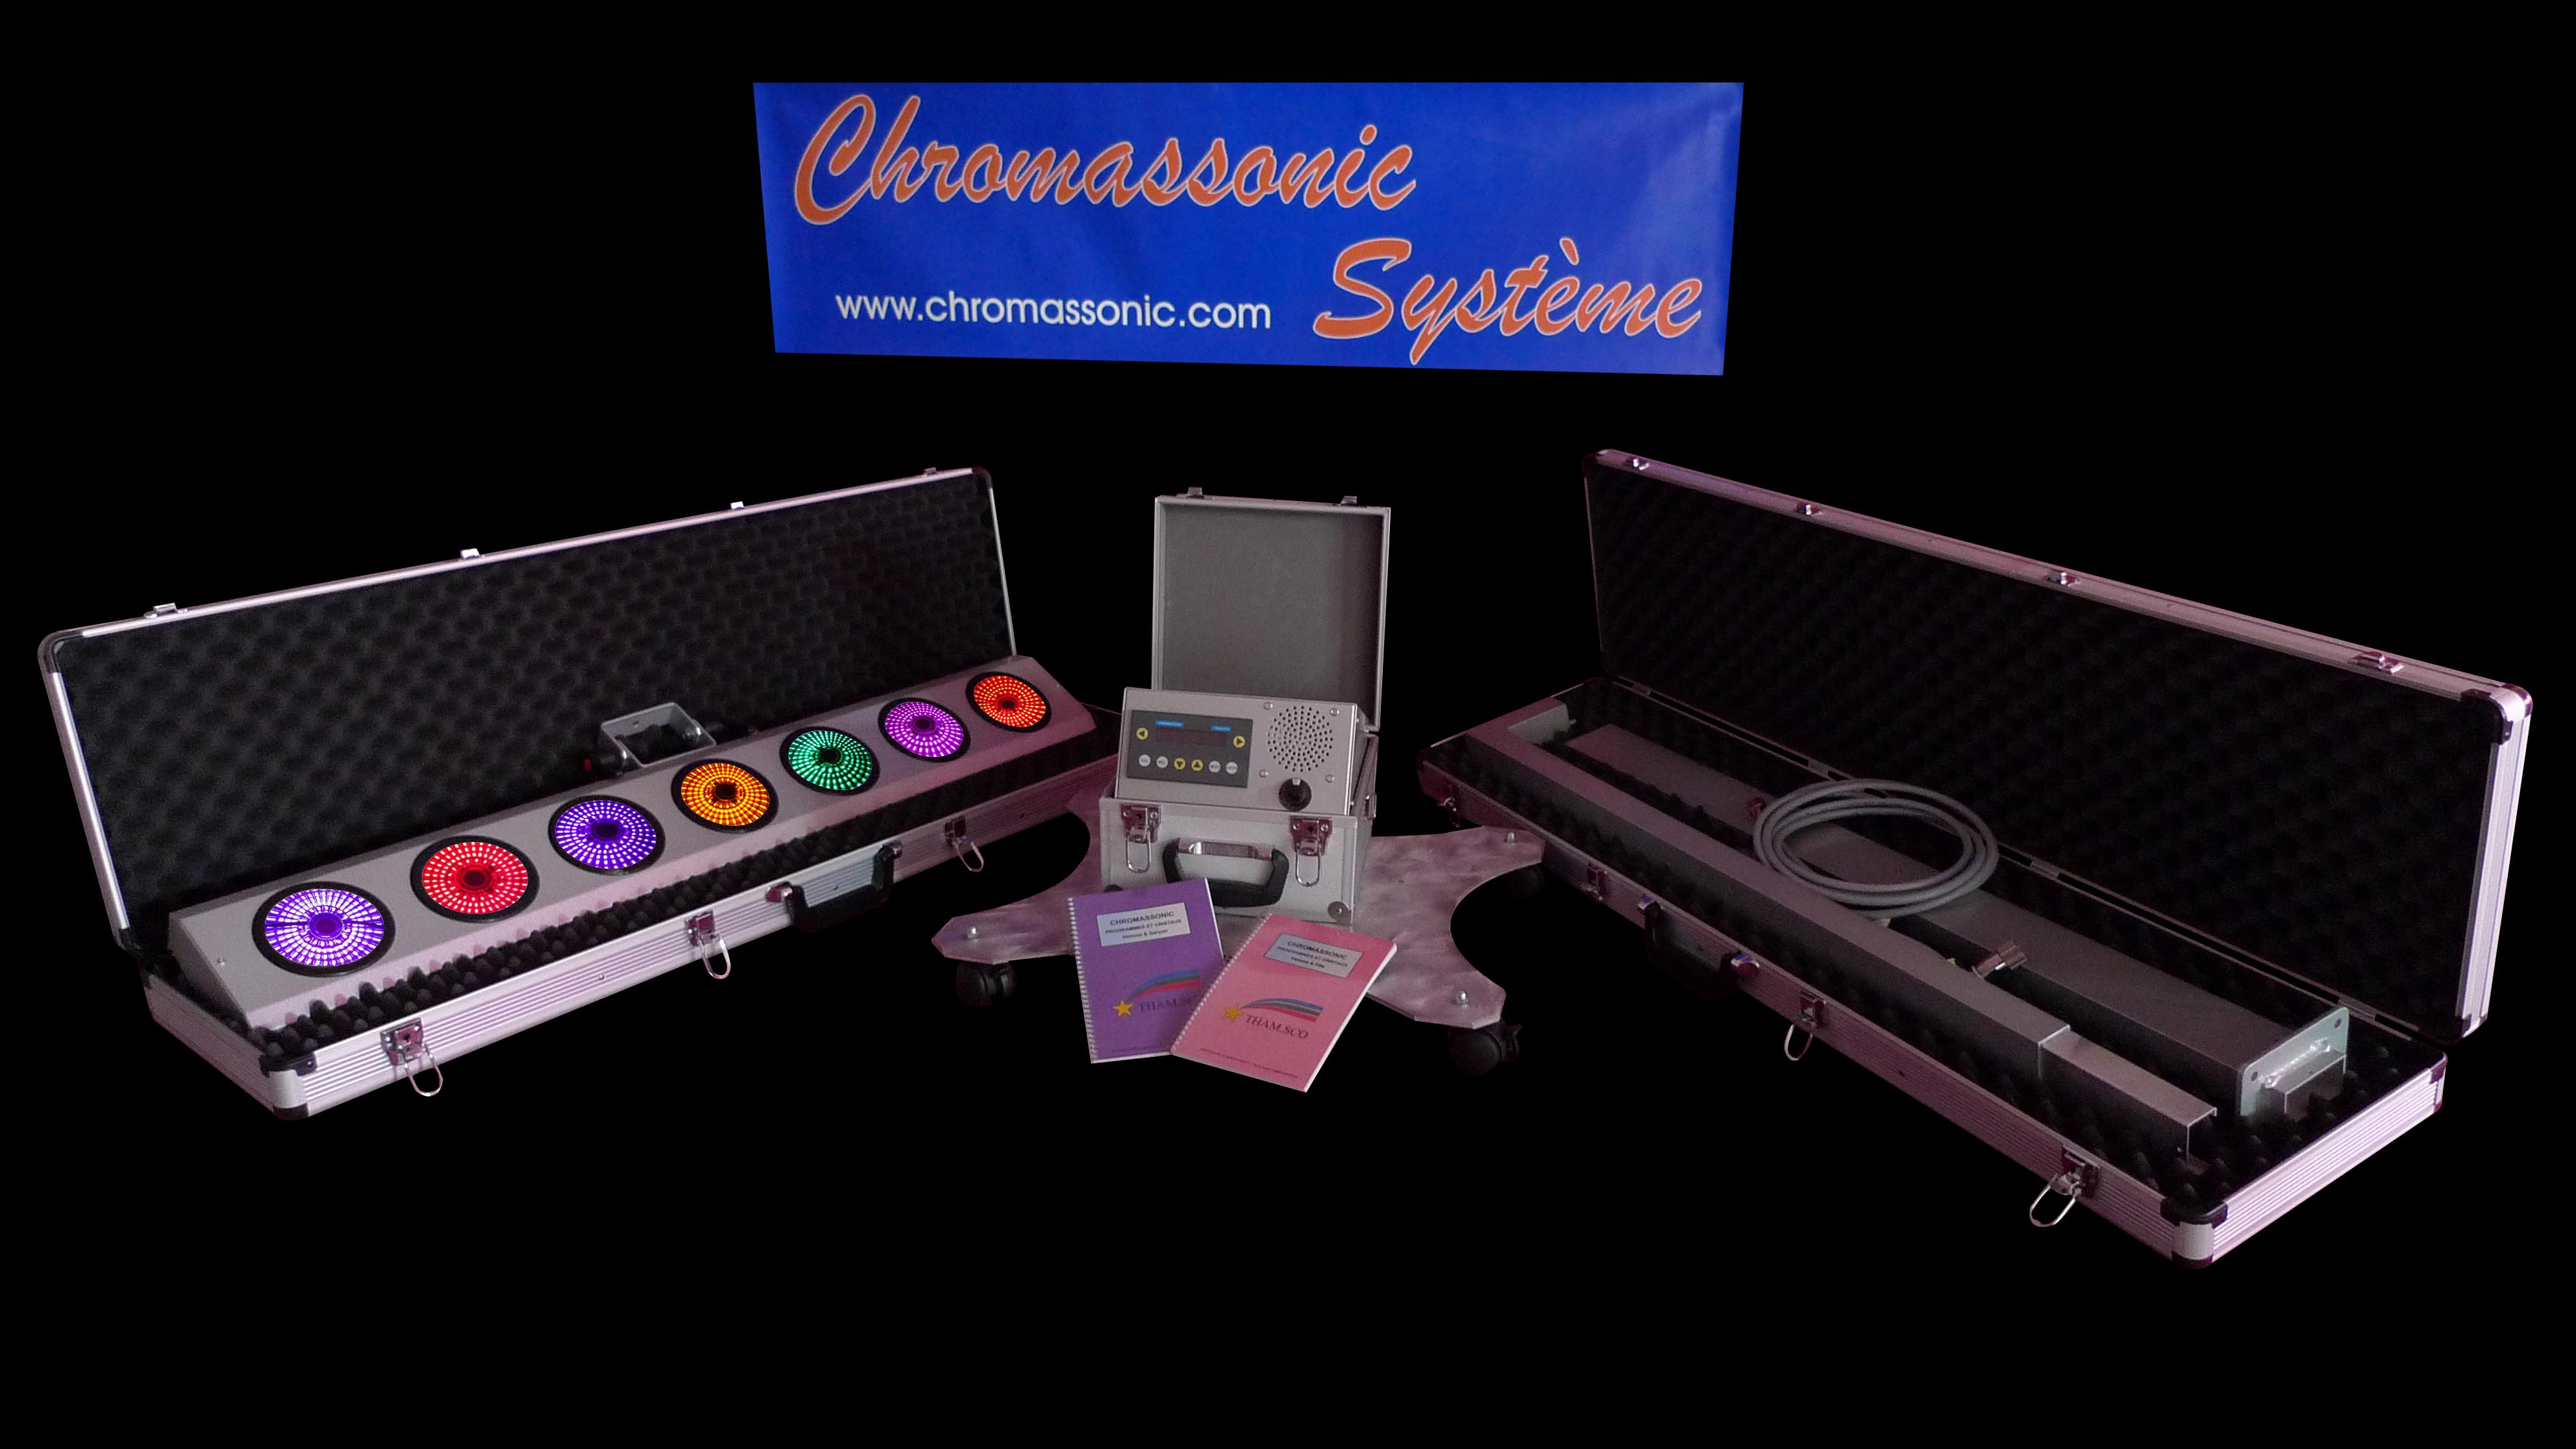 P1000144 MACHINE CHROMASSONIC.jpg